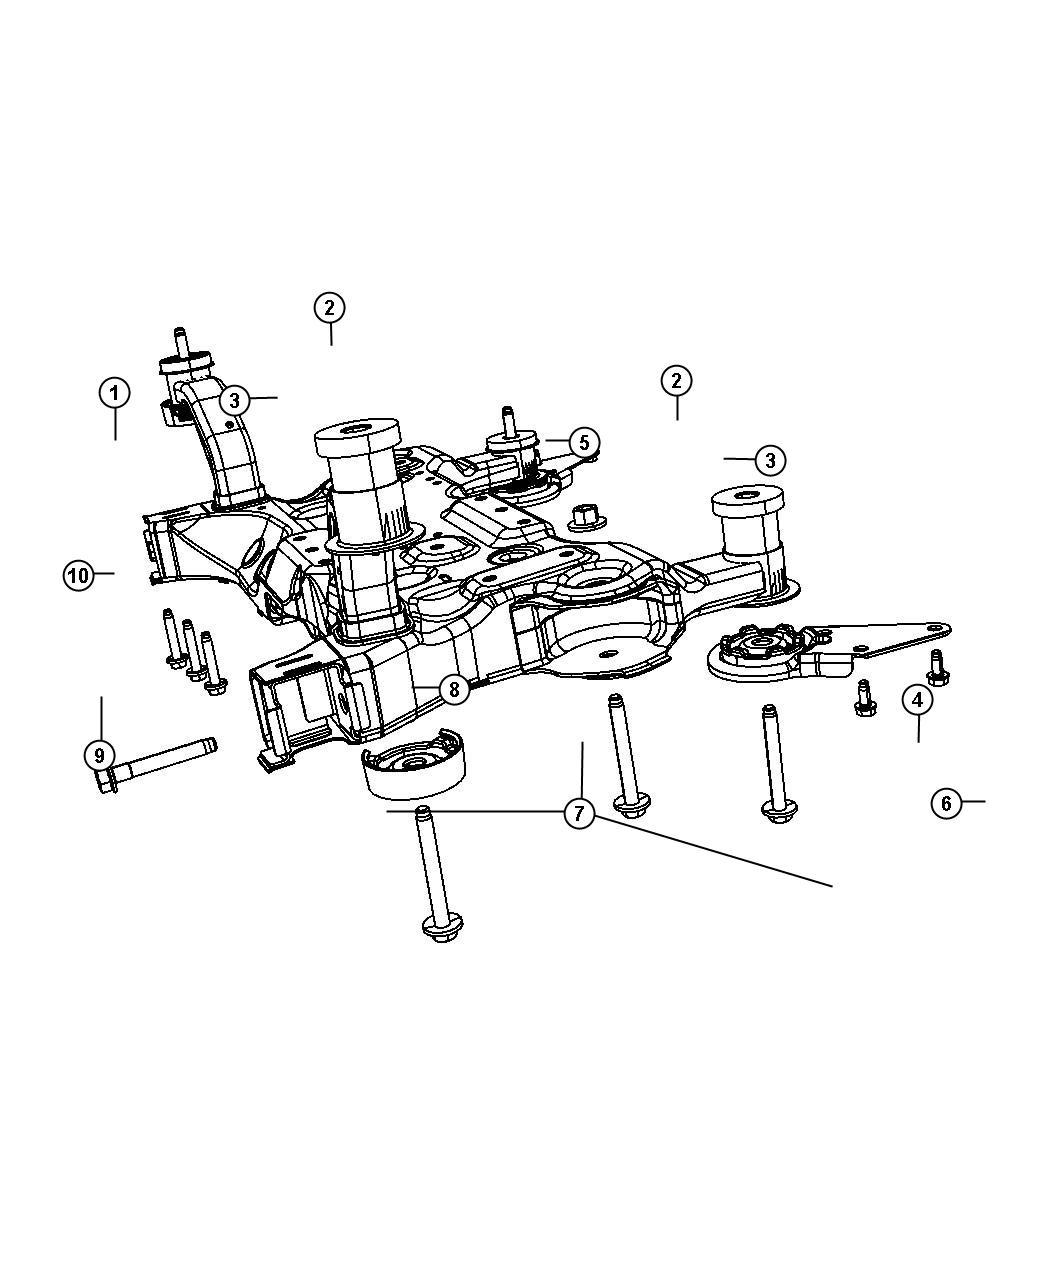 Crx Lowering Kit